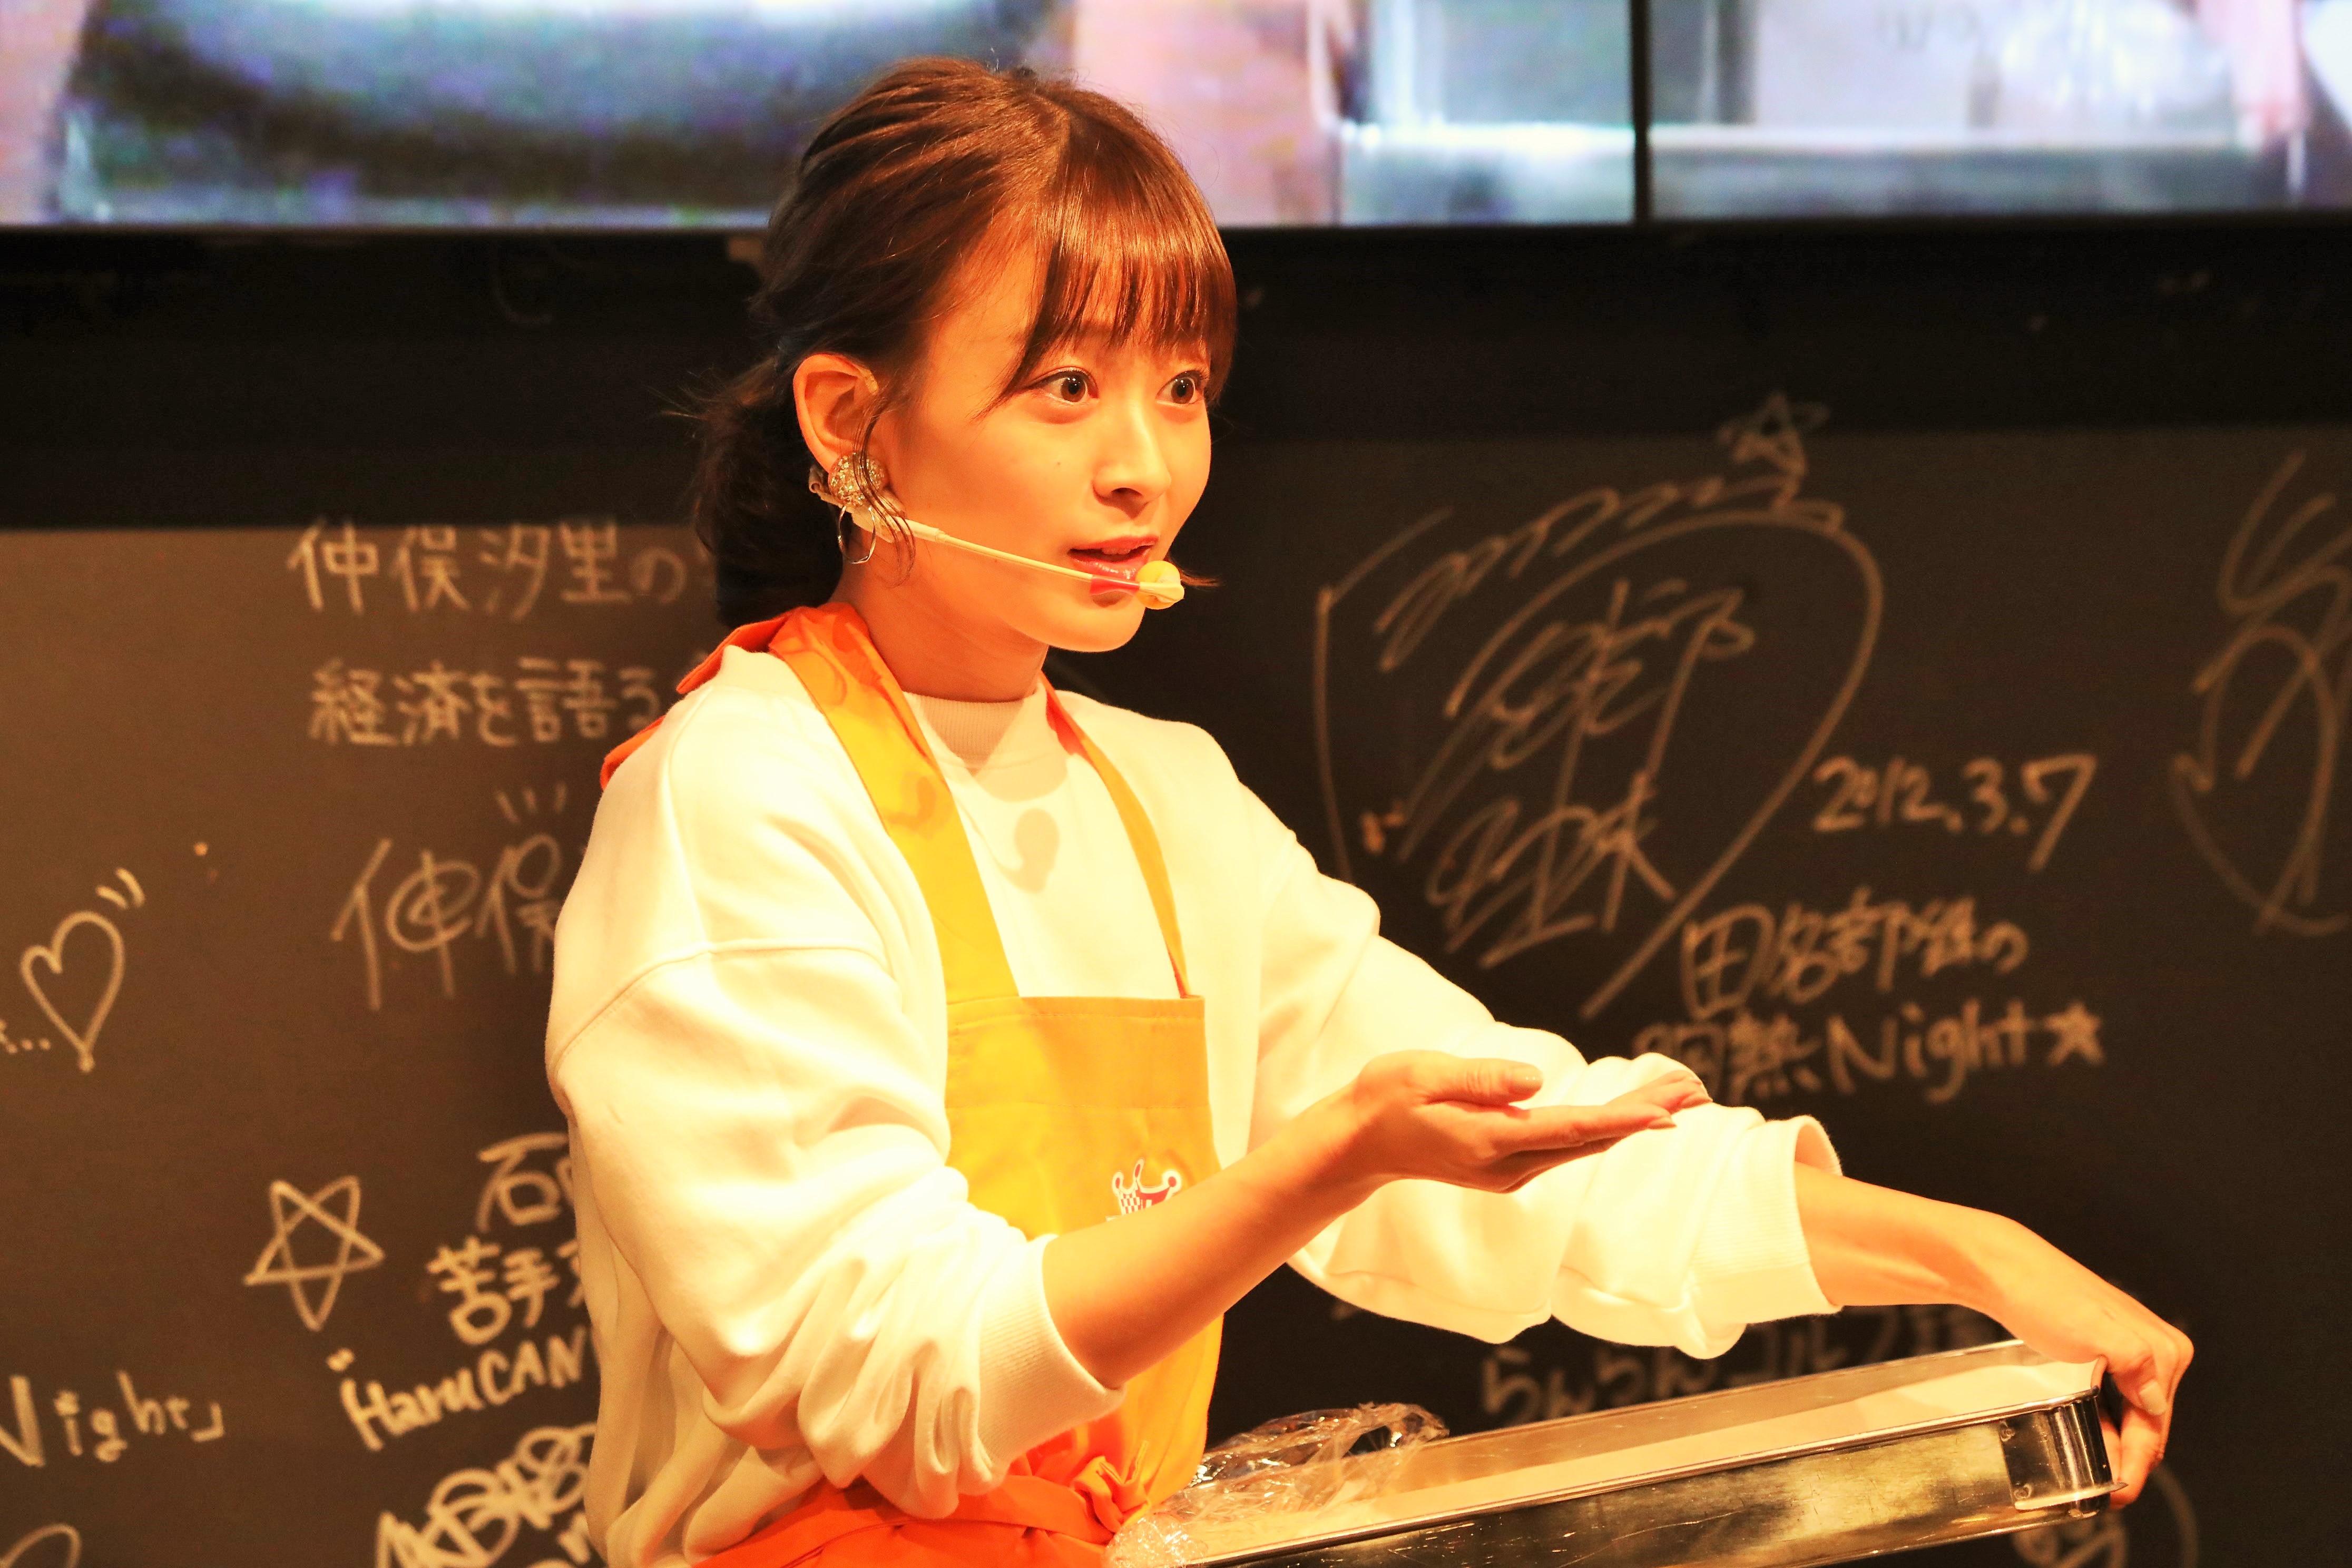 餃子作りを披露しながらファンとトークする太田奈緒